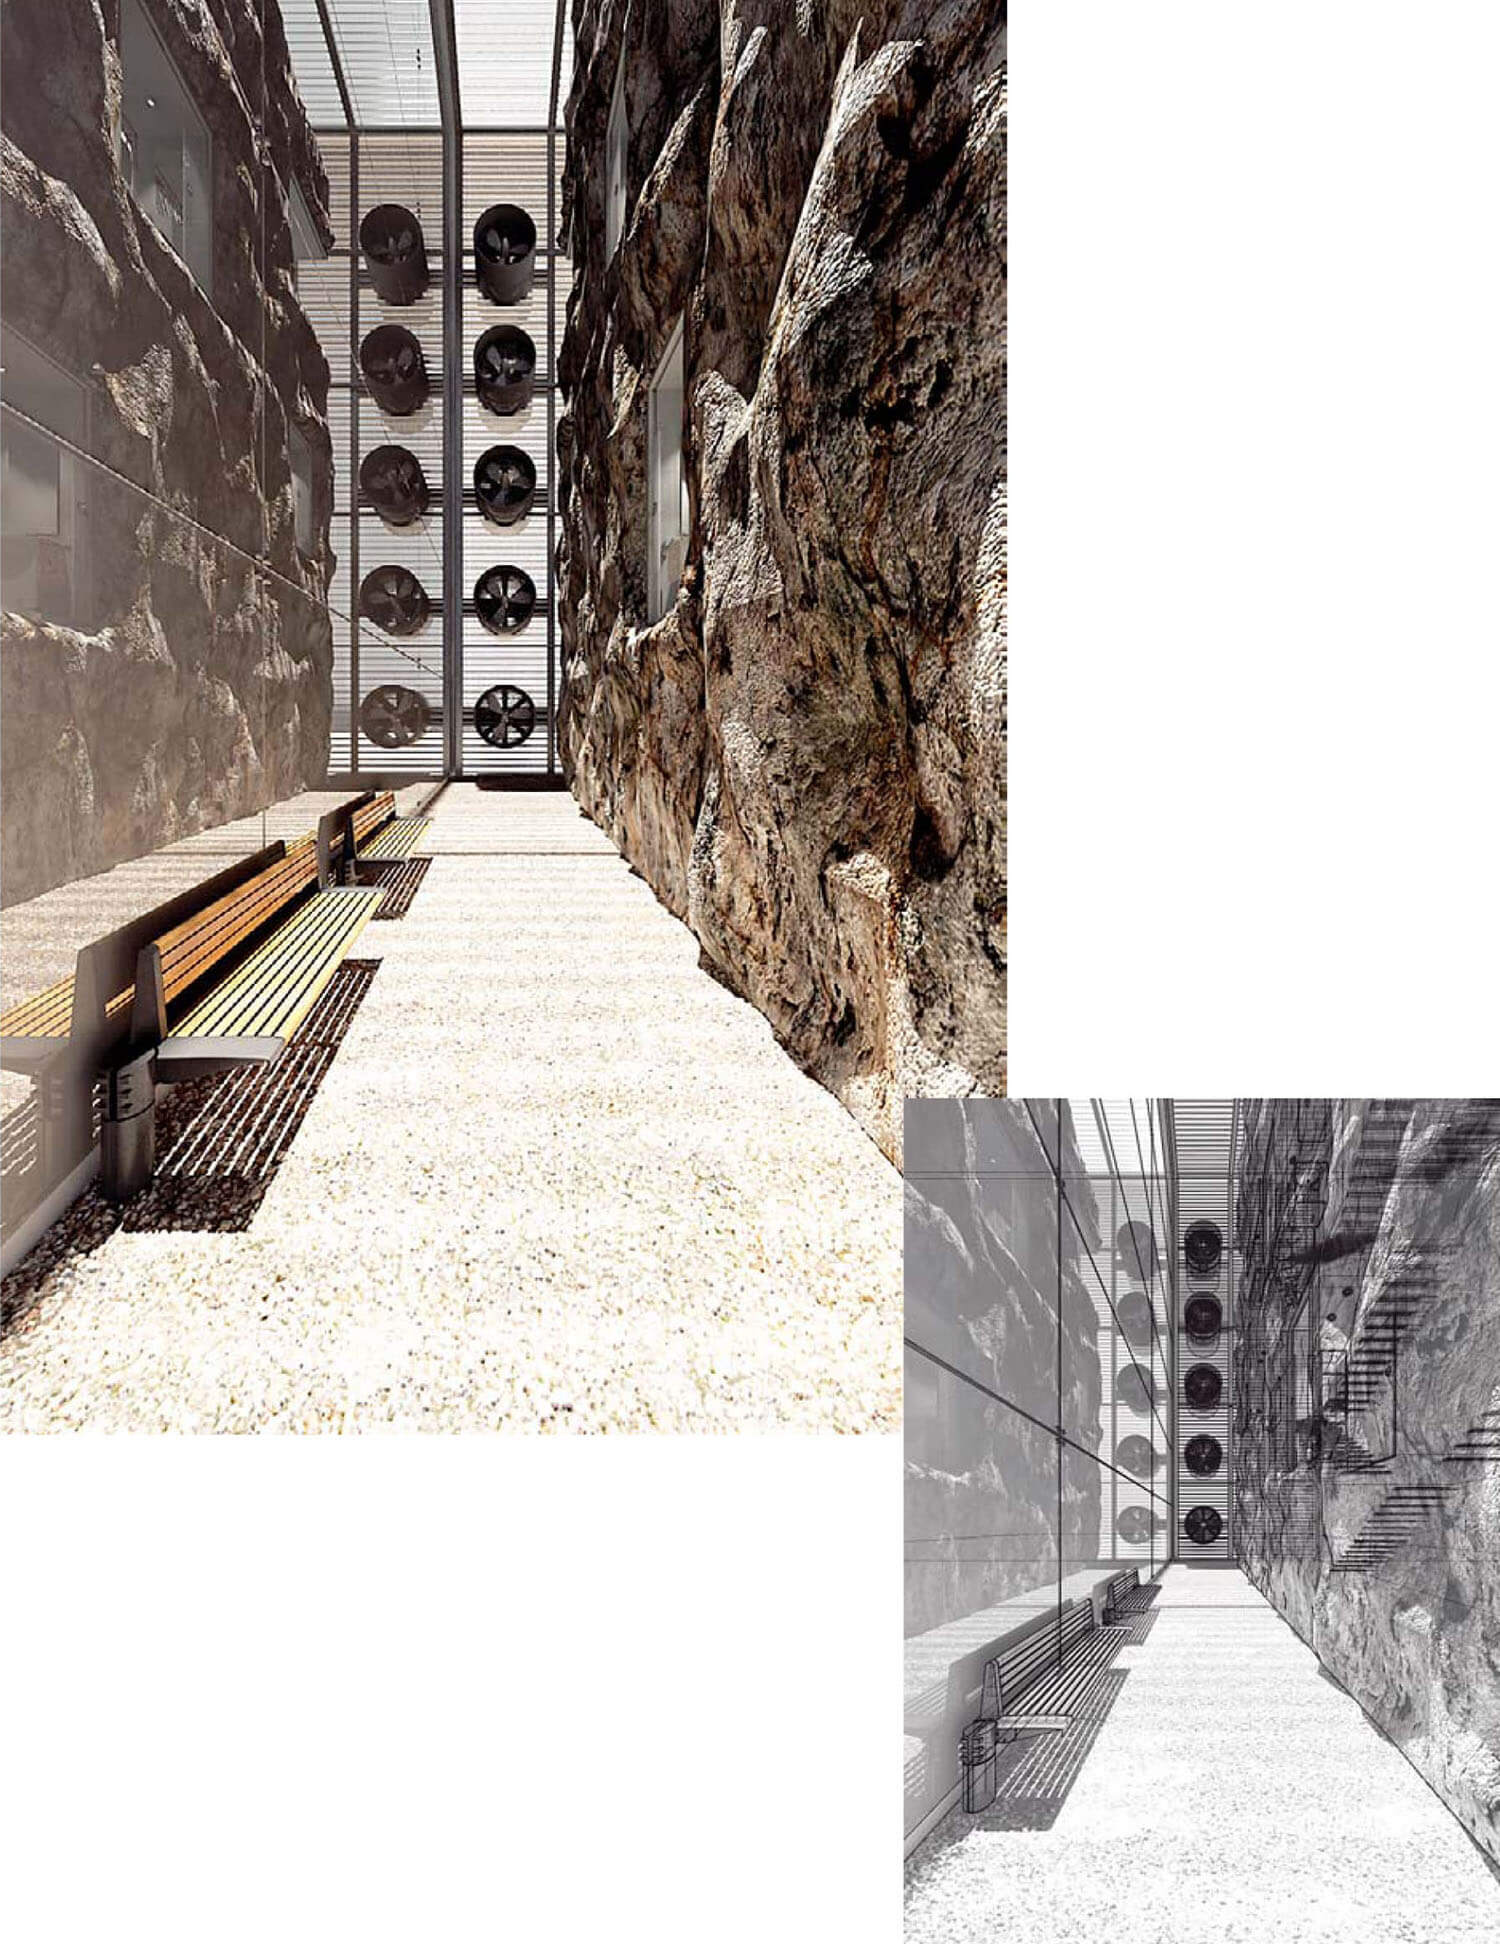 thiết kế hành lang cầu thang lối đi đẹp